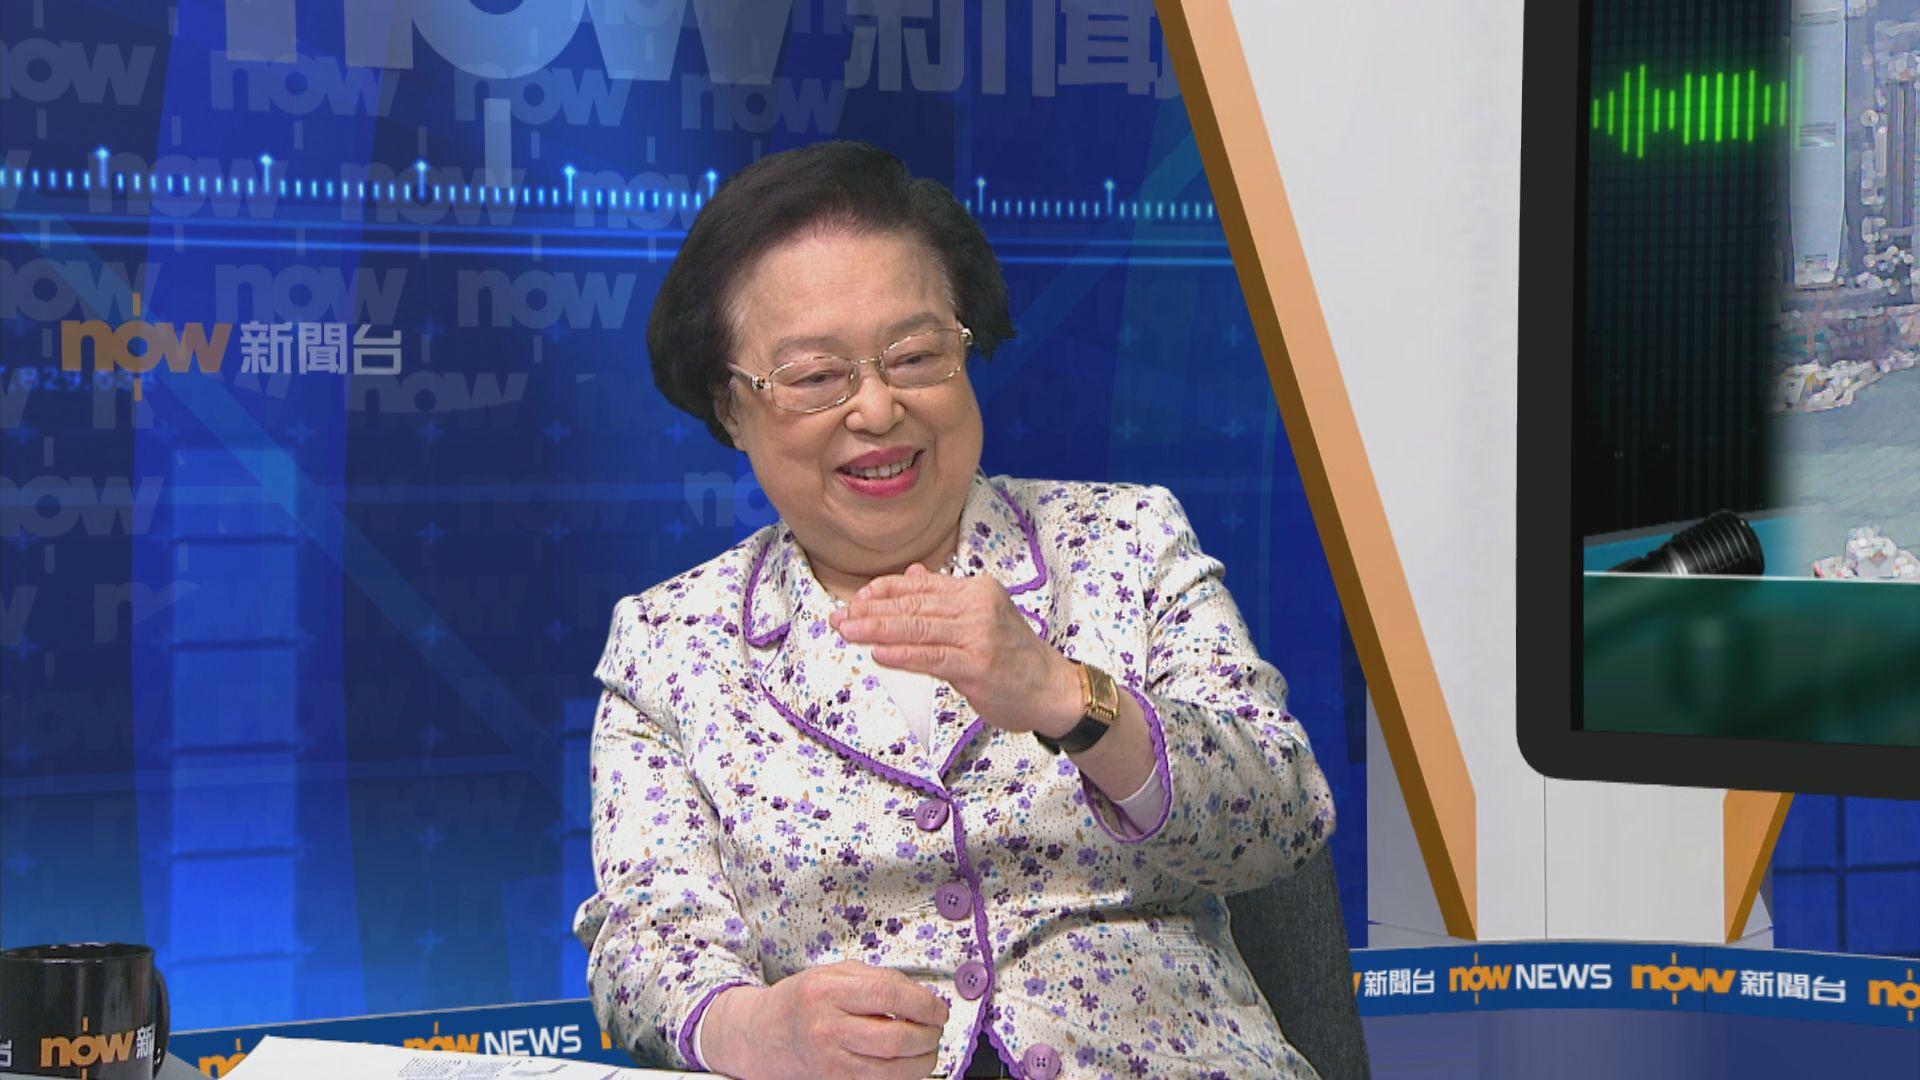 譚惠珠:特區政府應就公務員簽署確認書訂細節